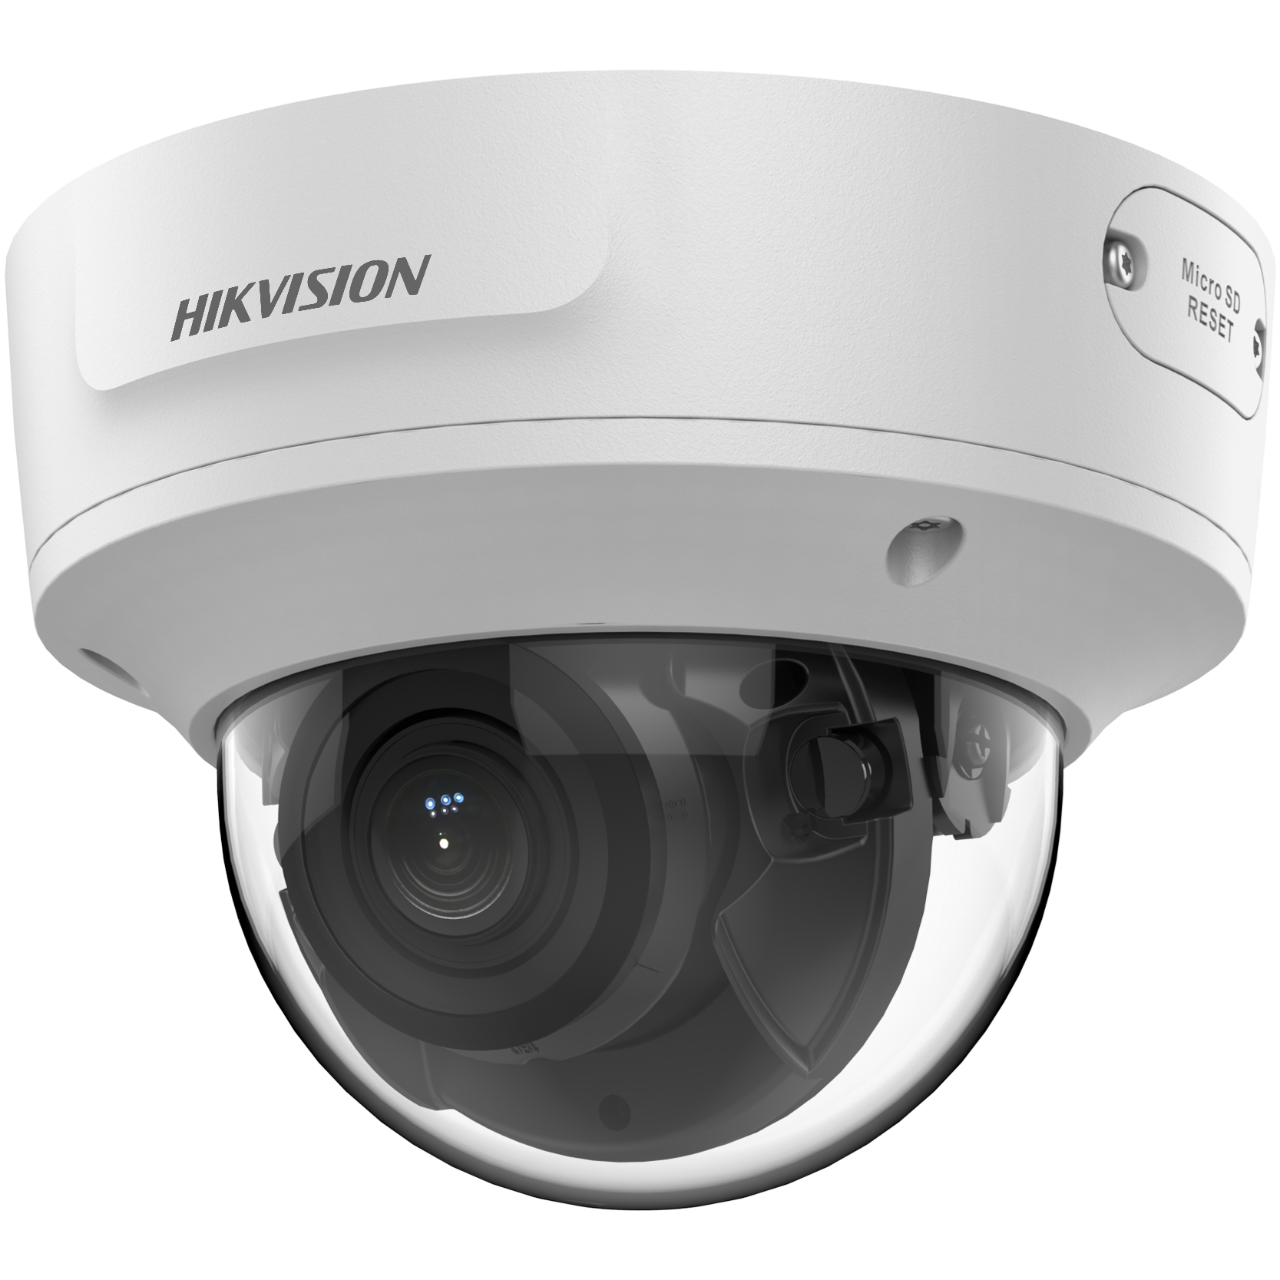 Εικόνα της DS-2CD2743G2-IZS  4MP EXIR Motorized Varifocal Dome IP 2.8-12mm Camera Hikvision